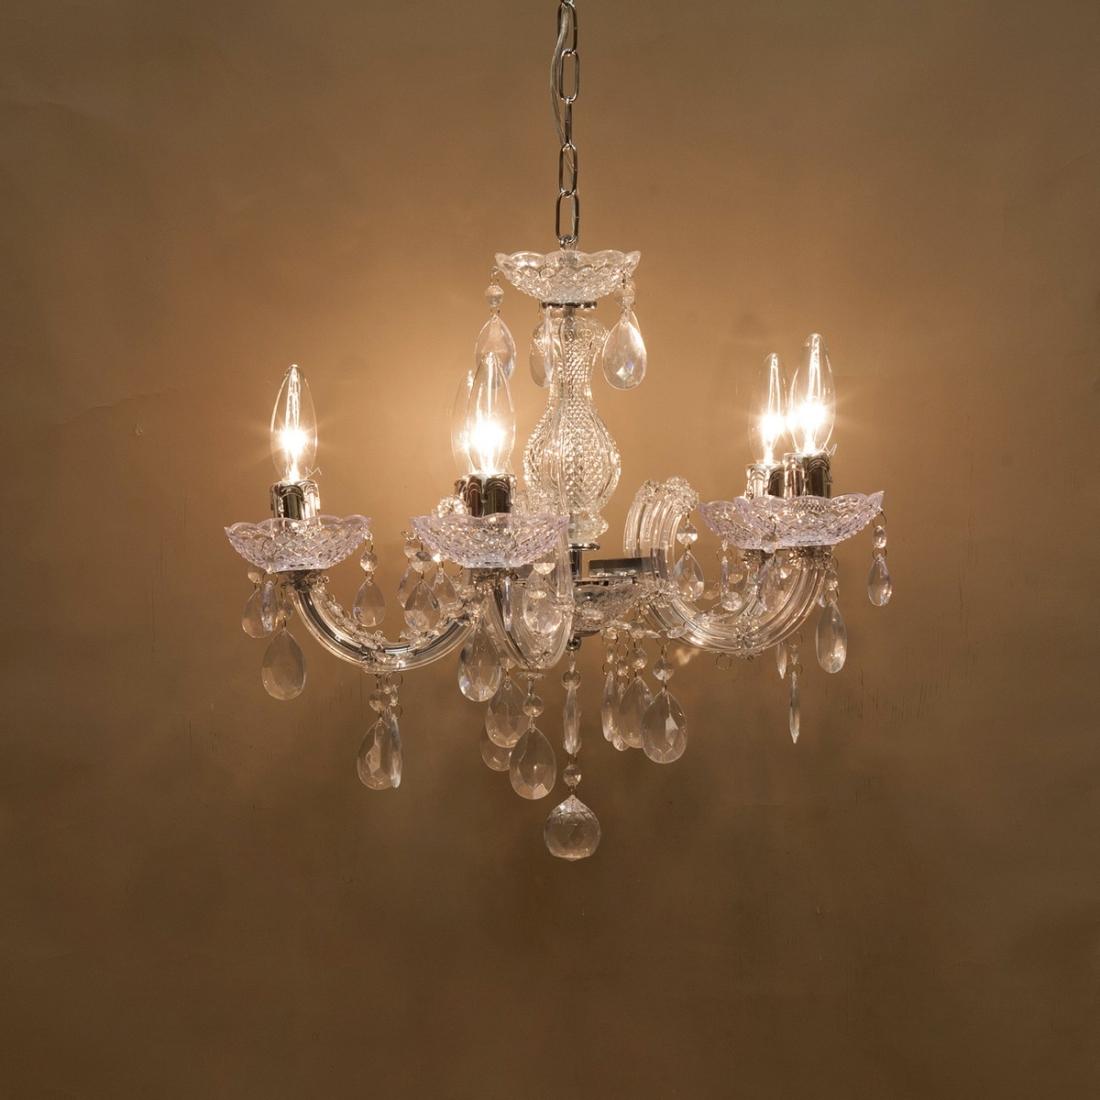 アンティーク 【吊照明】シャンデリア[ダイナスティー]LED対応<E12/水雷型>クローム